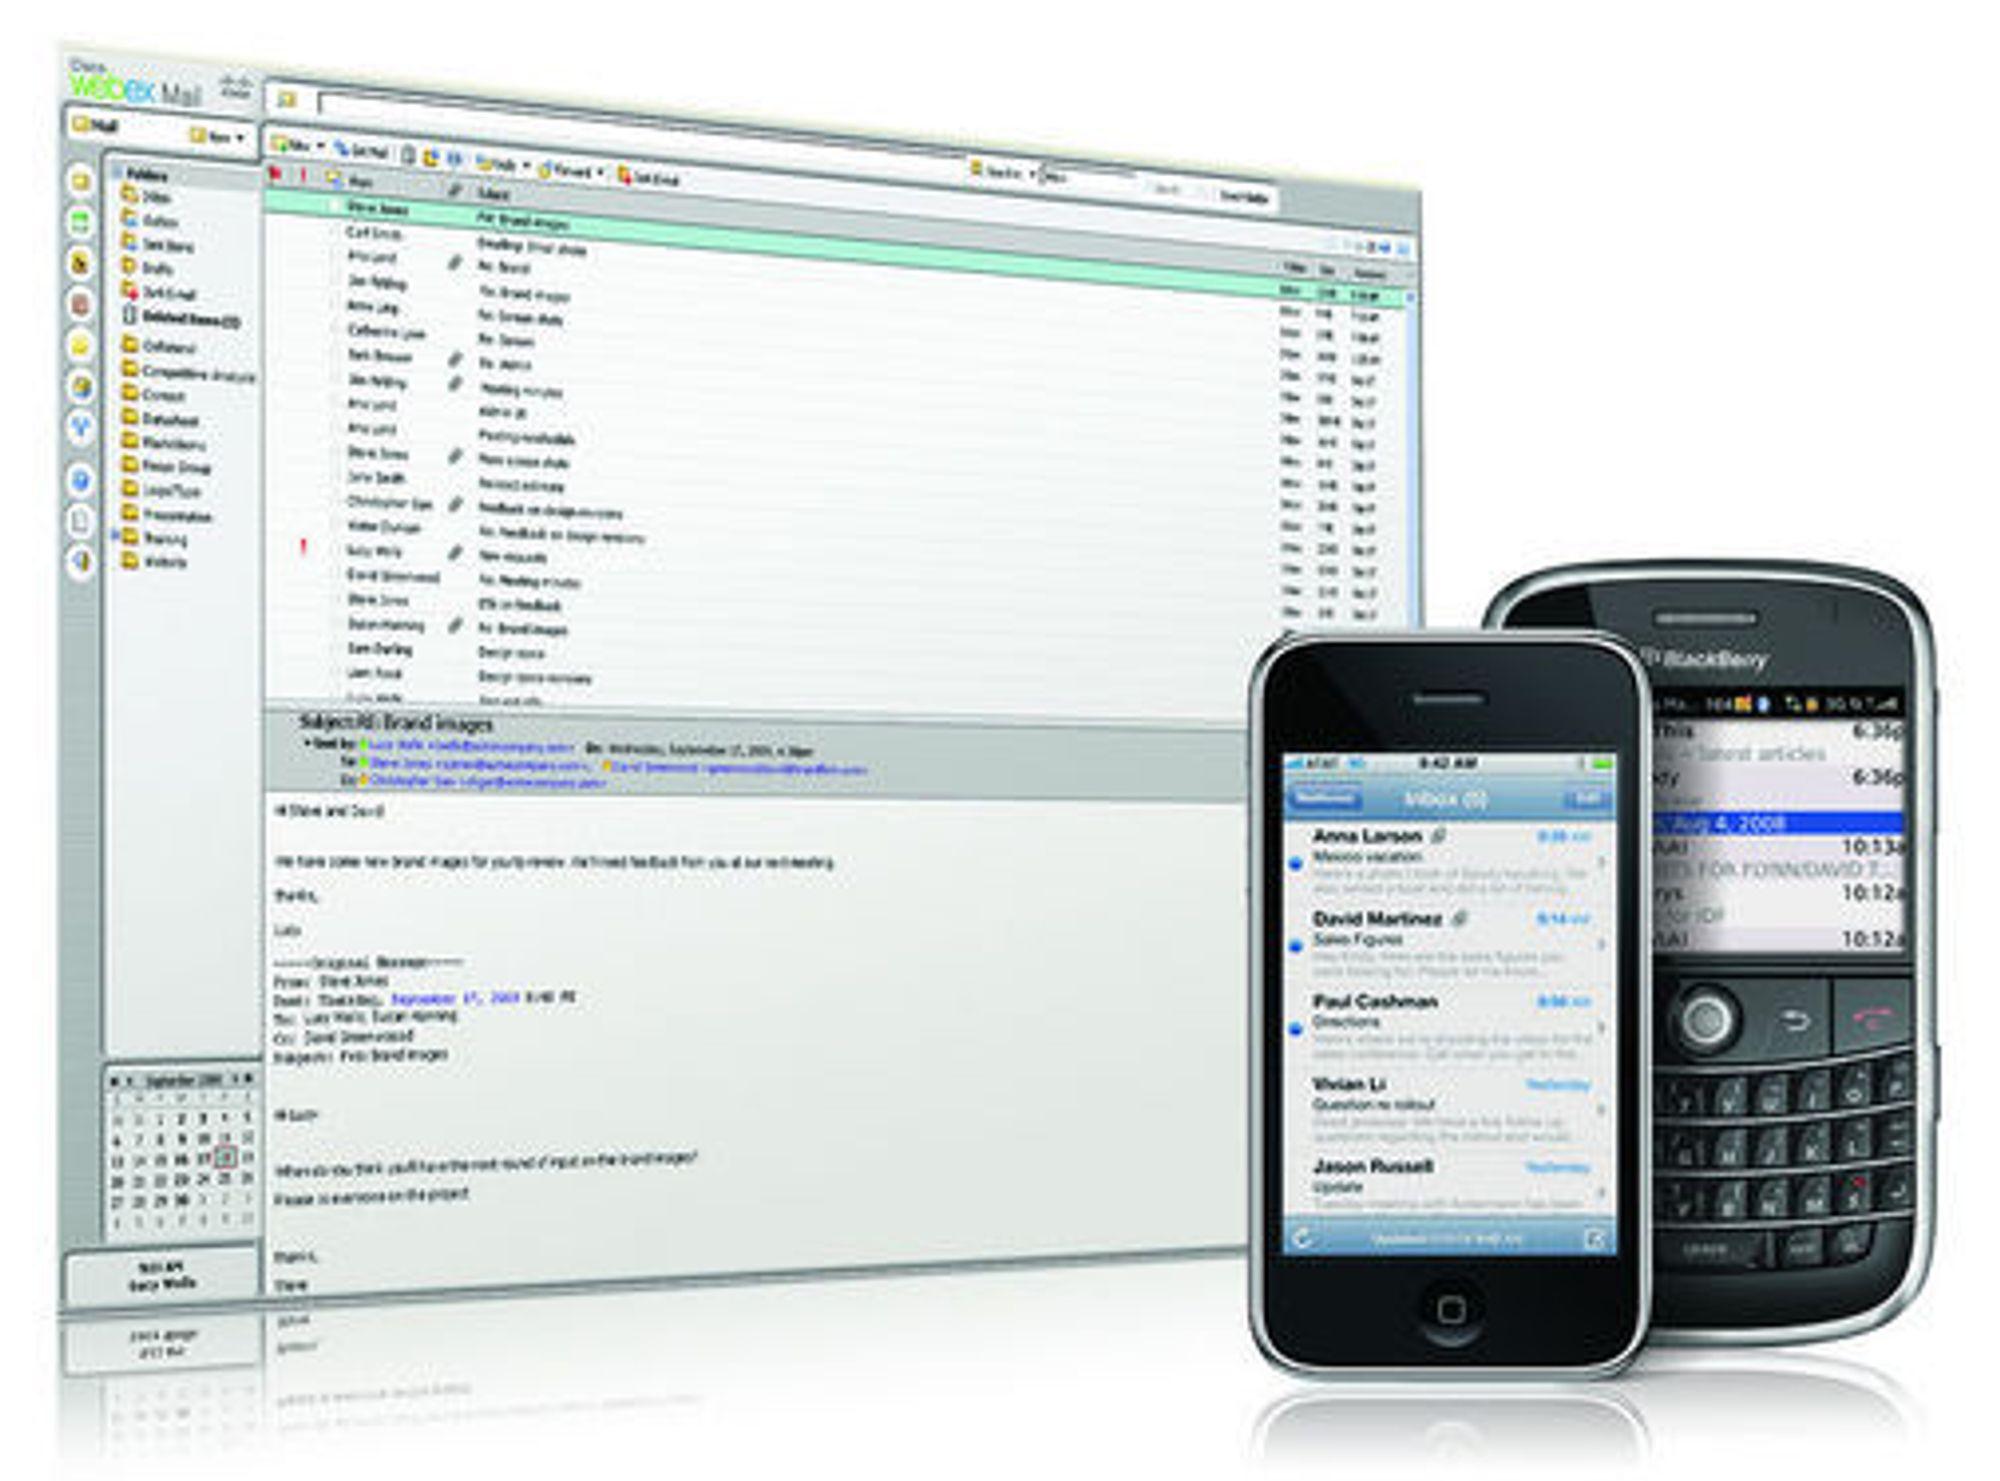 Webex Mail er en ny webbasert e-postløsning for bedrifter. Den gir brukerne tilgang til e-post fra pc-en eller fra en smart mobiltelefon.